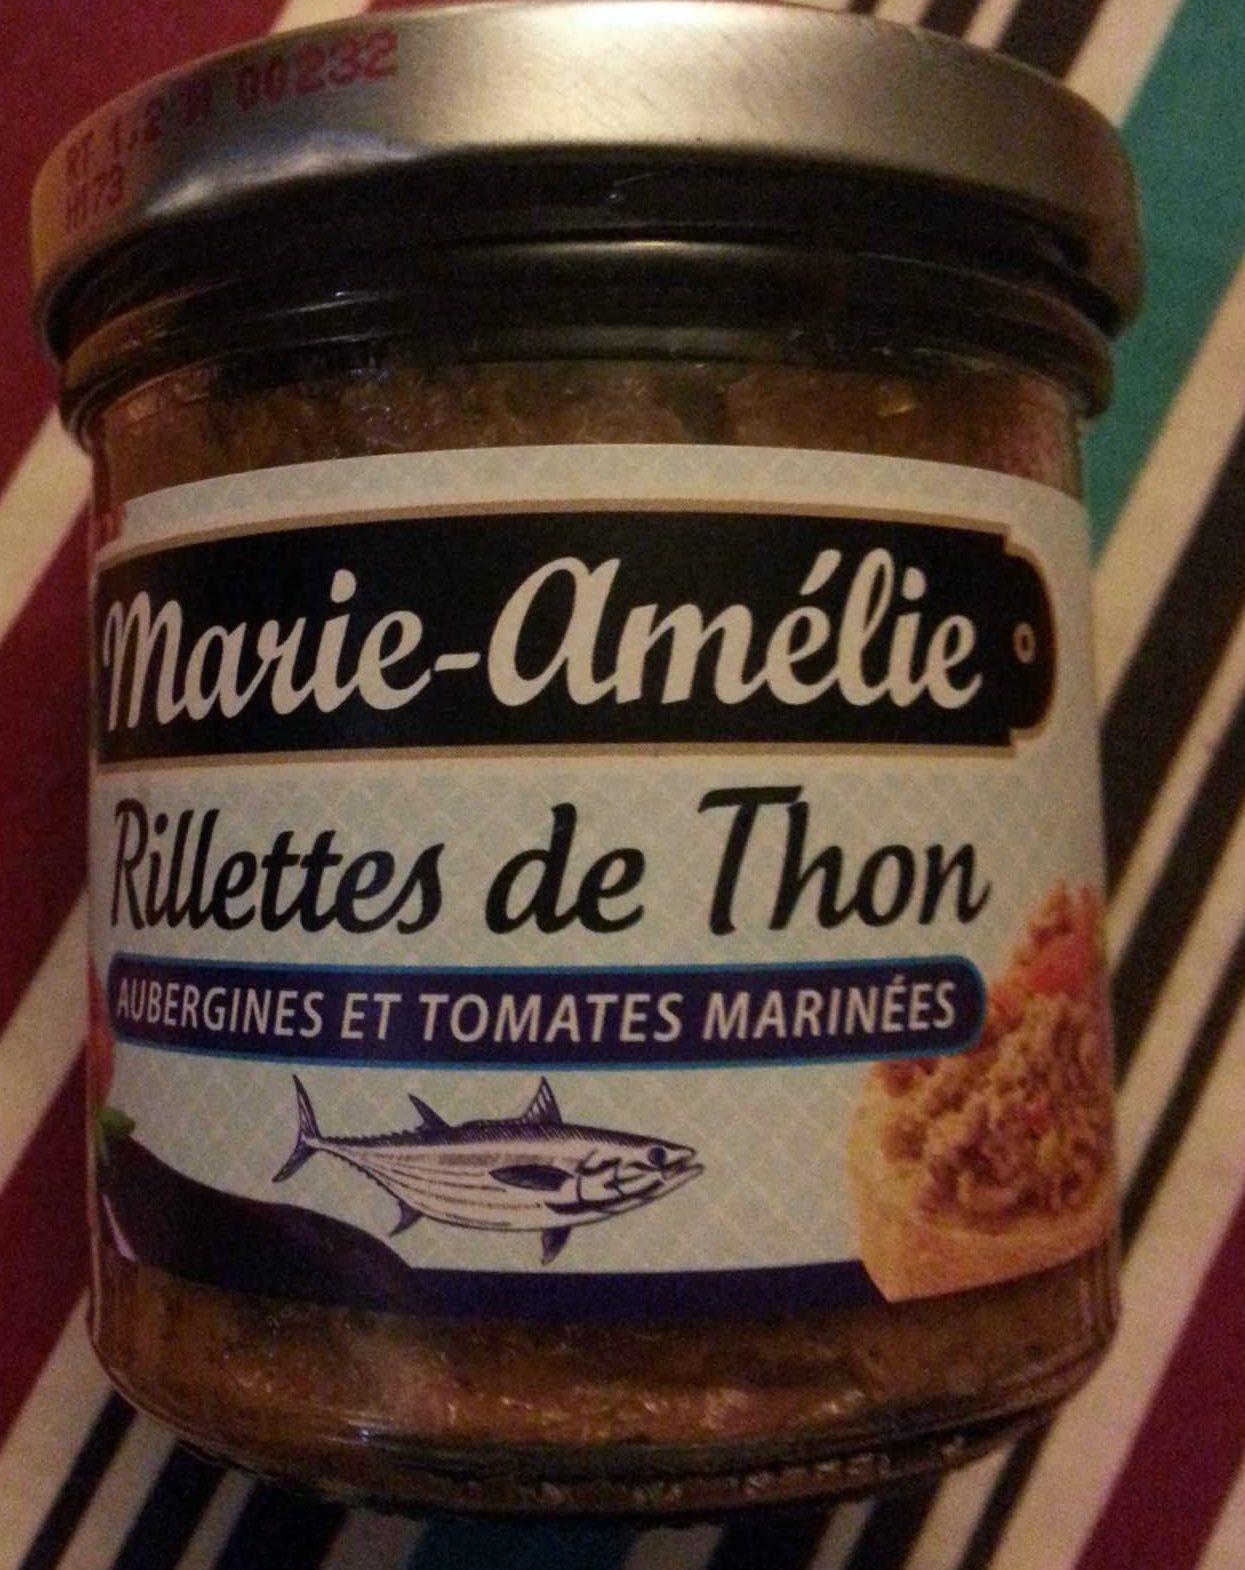 Rillettes de Thon Aubergines et Tomates Marinées - Product